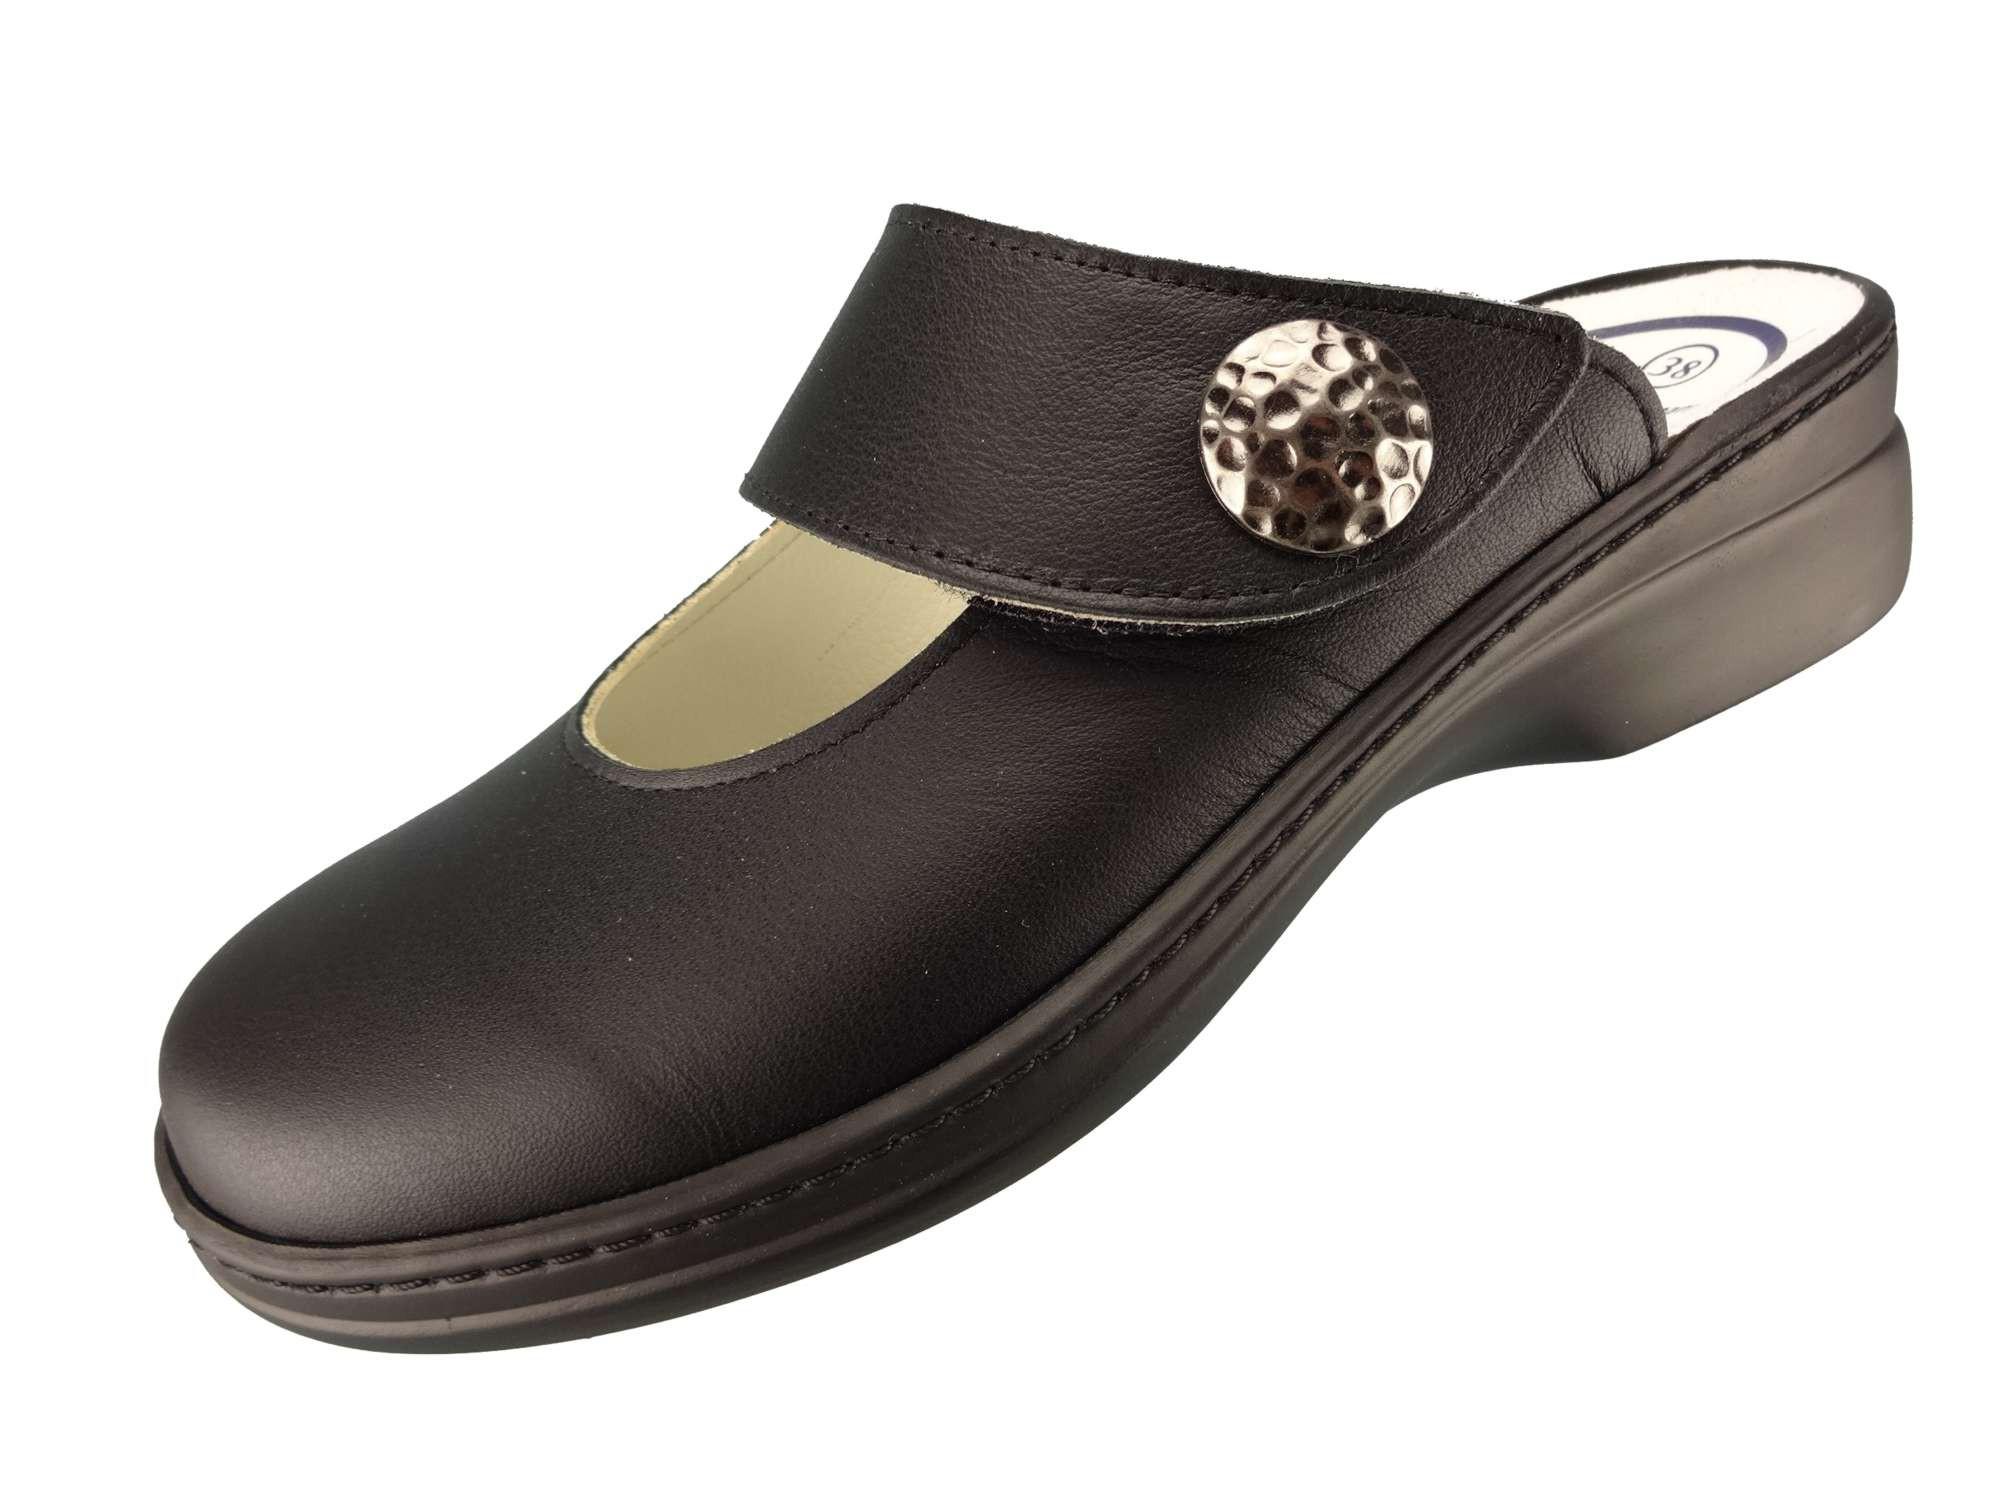 Algemare Damen Clog Nappaleder mit Sani-pur Wechselfußbett Pantolette 5948_0101 Sandalette